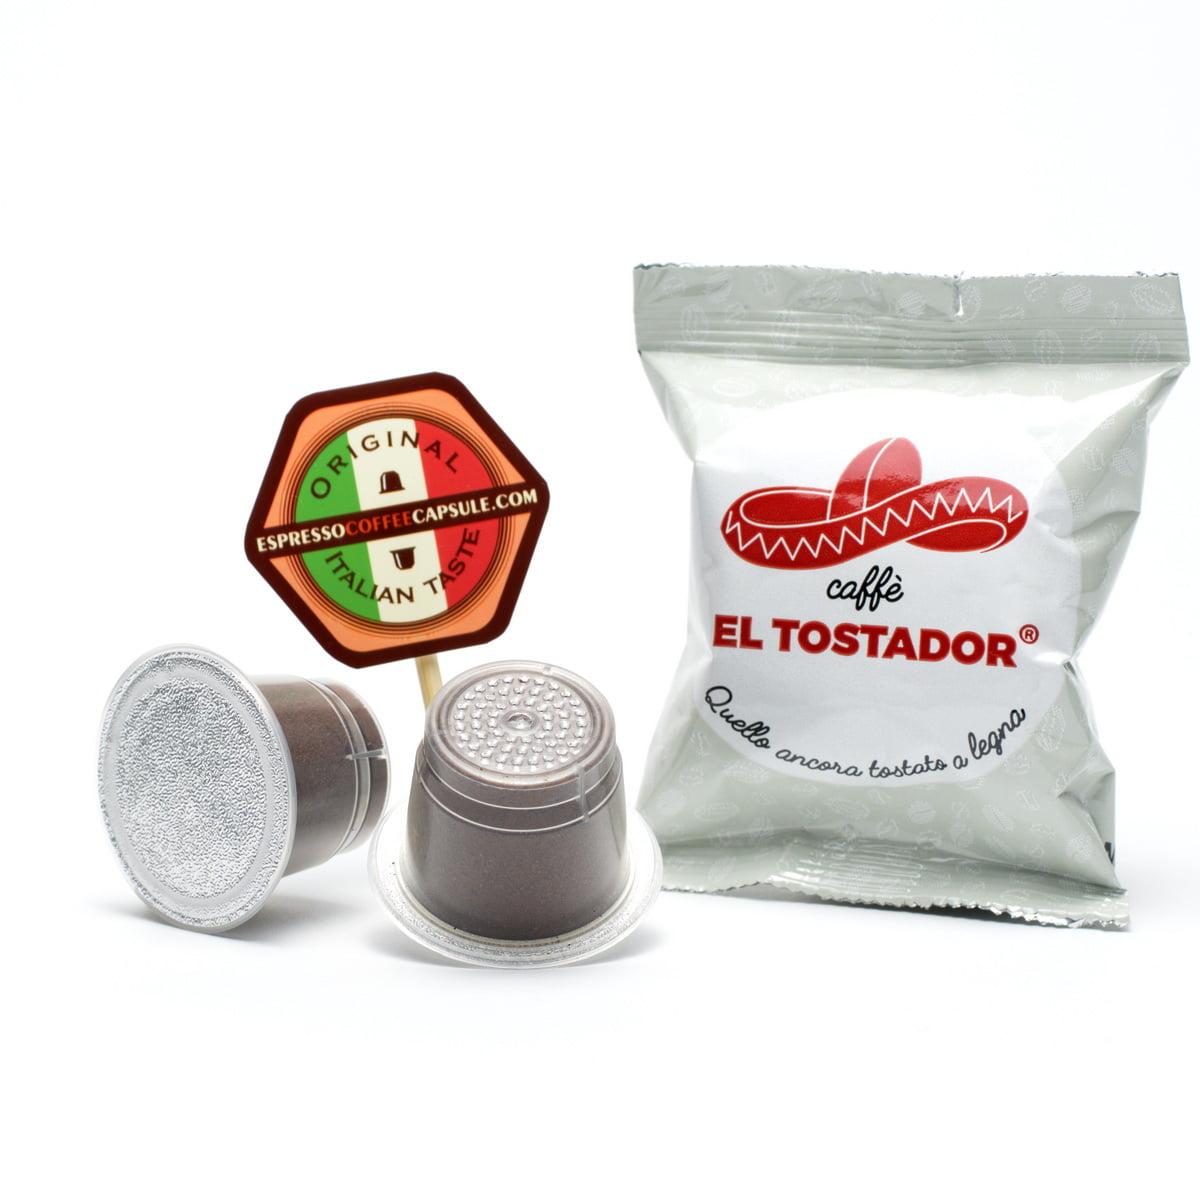 EL TOSTADOR coffee capsules pods nespresso